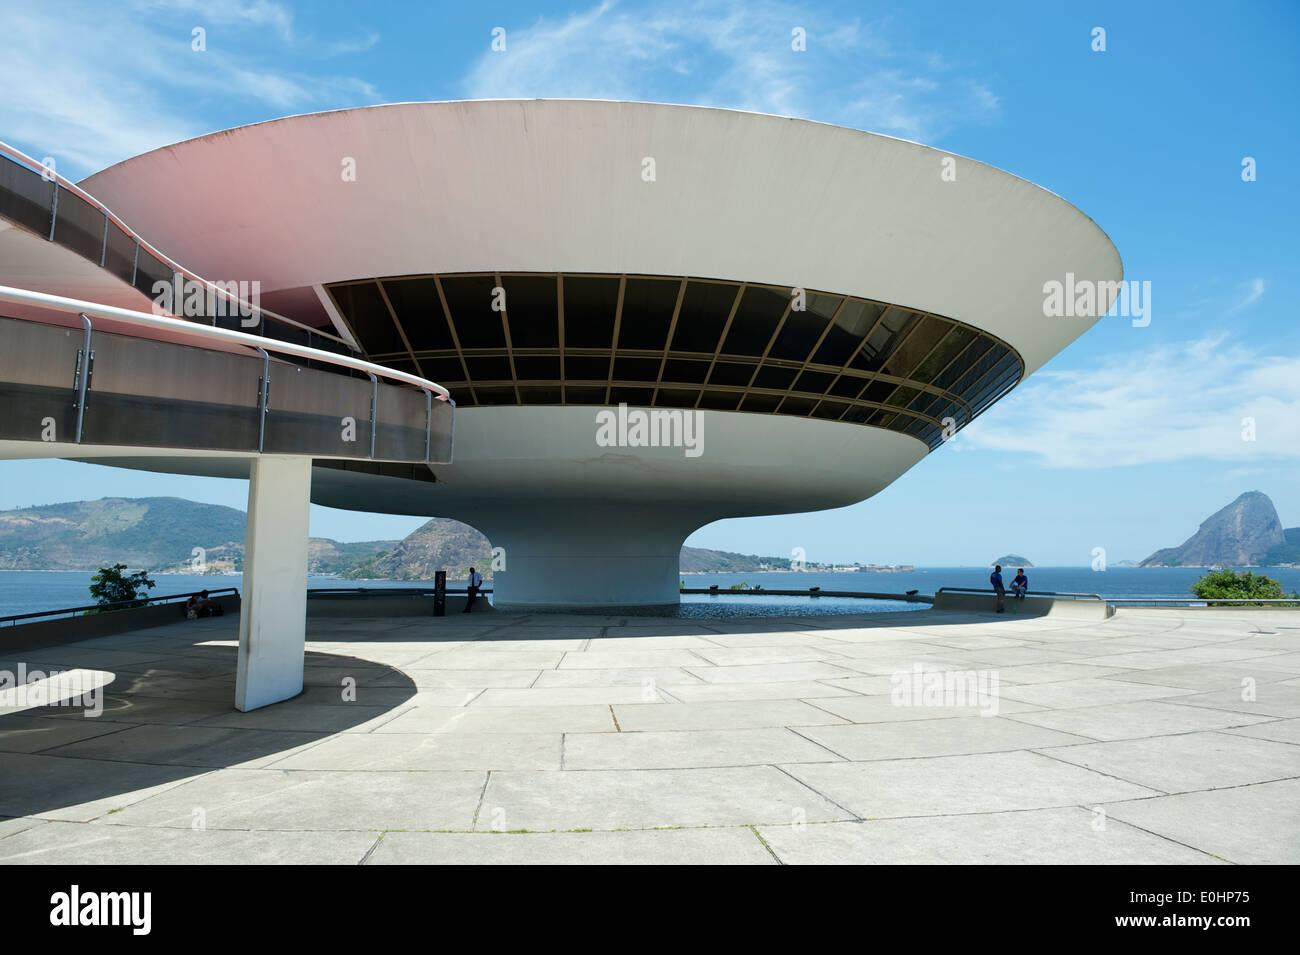 Río de Janeiro, Brasil - Febrero 4, 2014: El modernista Niteroi, Museo de Arte Contemporáneo (MAC) por Oscar Niemeyer con el horizonte. Imagen De Stock